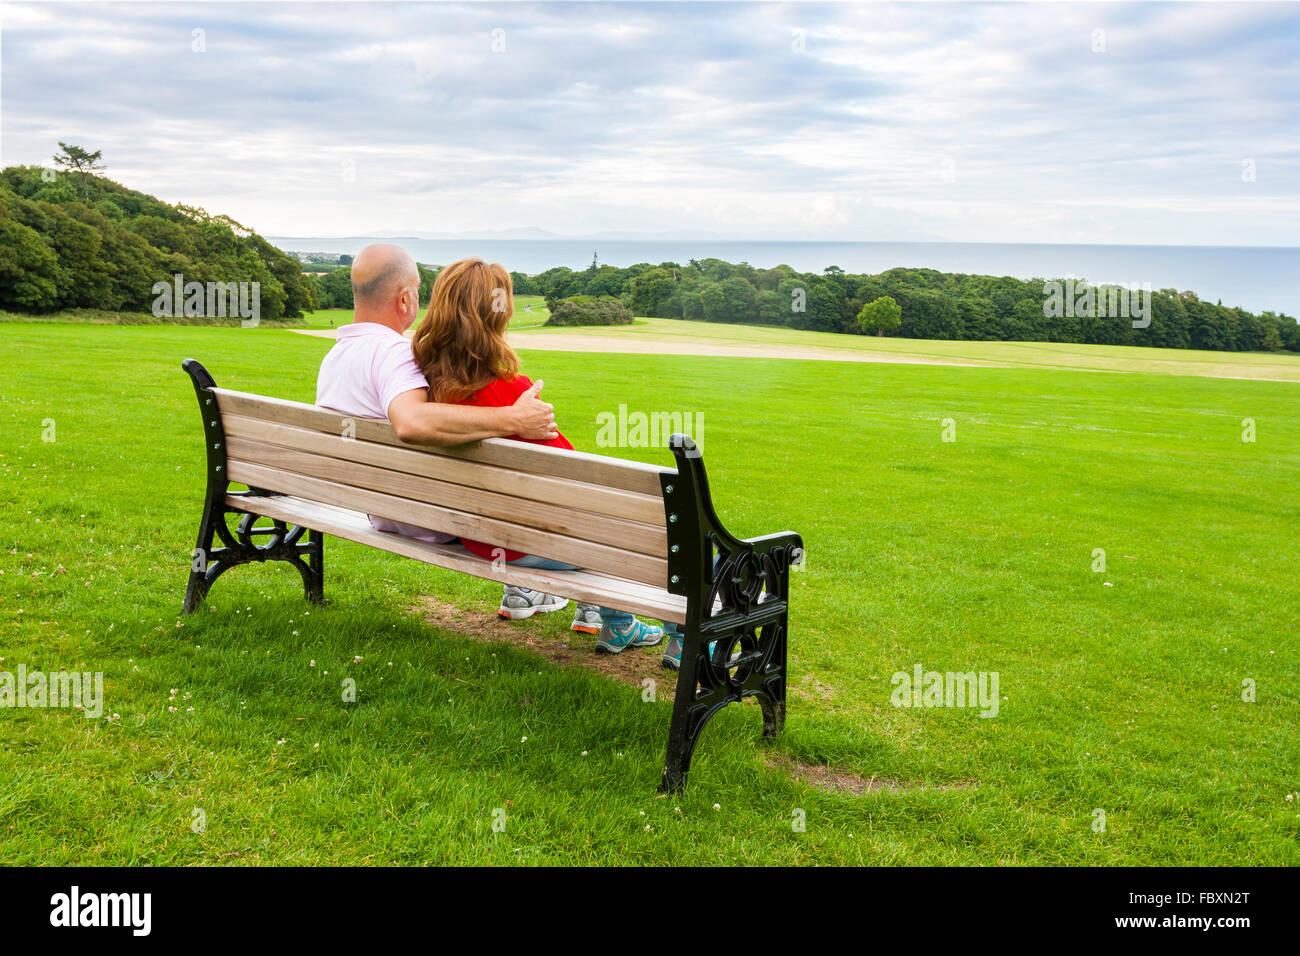 Vue arrière du moyen age couple assis sur un banc face à la mer Photo Stock